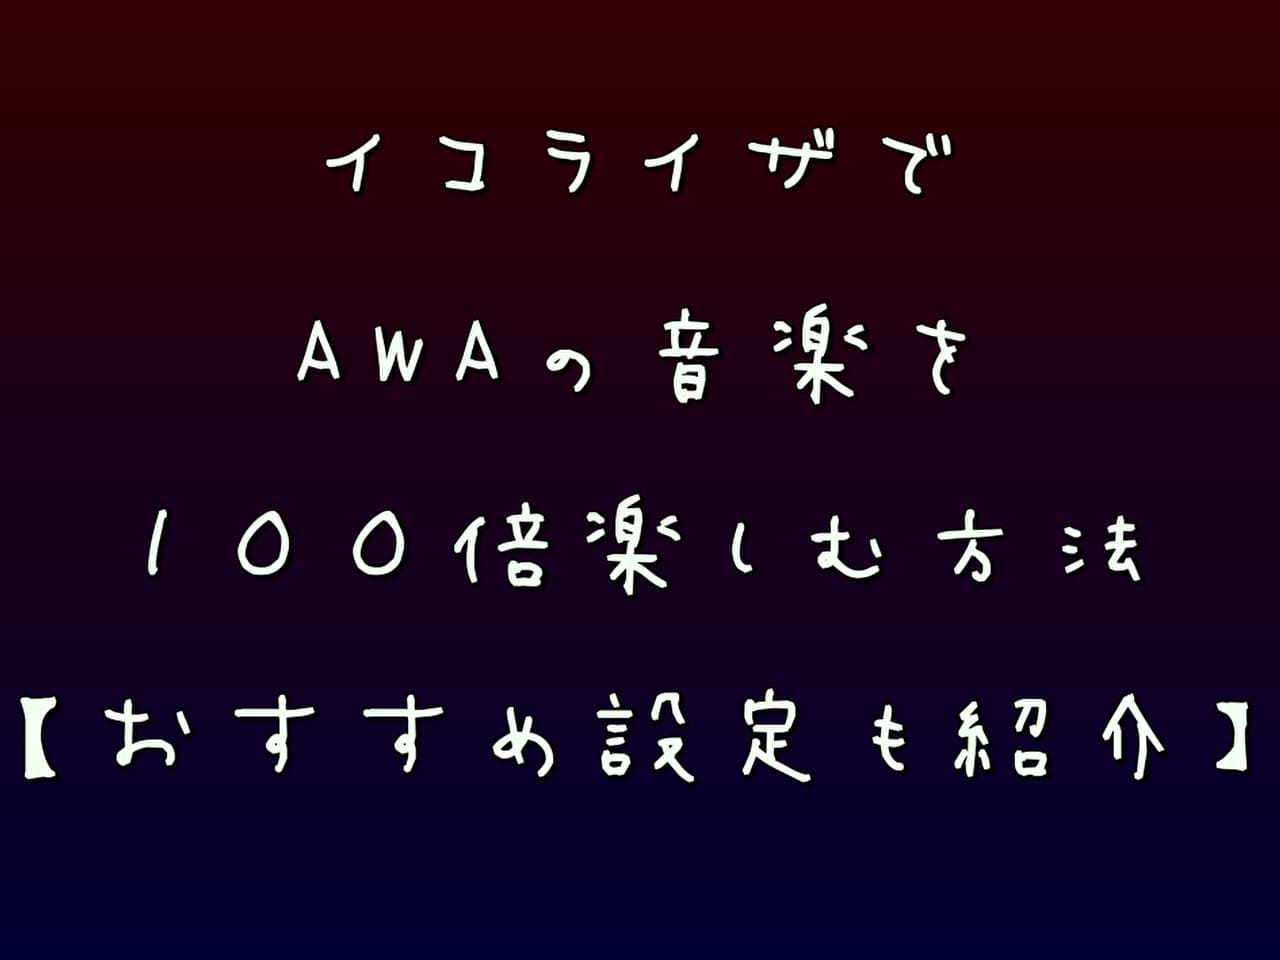 イコライザでAWAの音楽を100倍楽しむ方法【おすすめ設定も紹介】